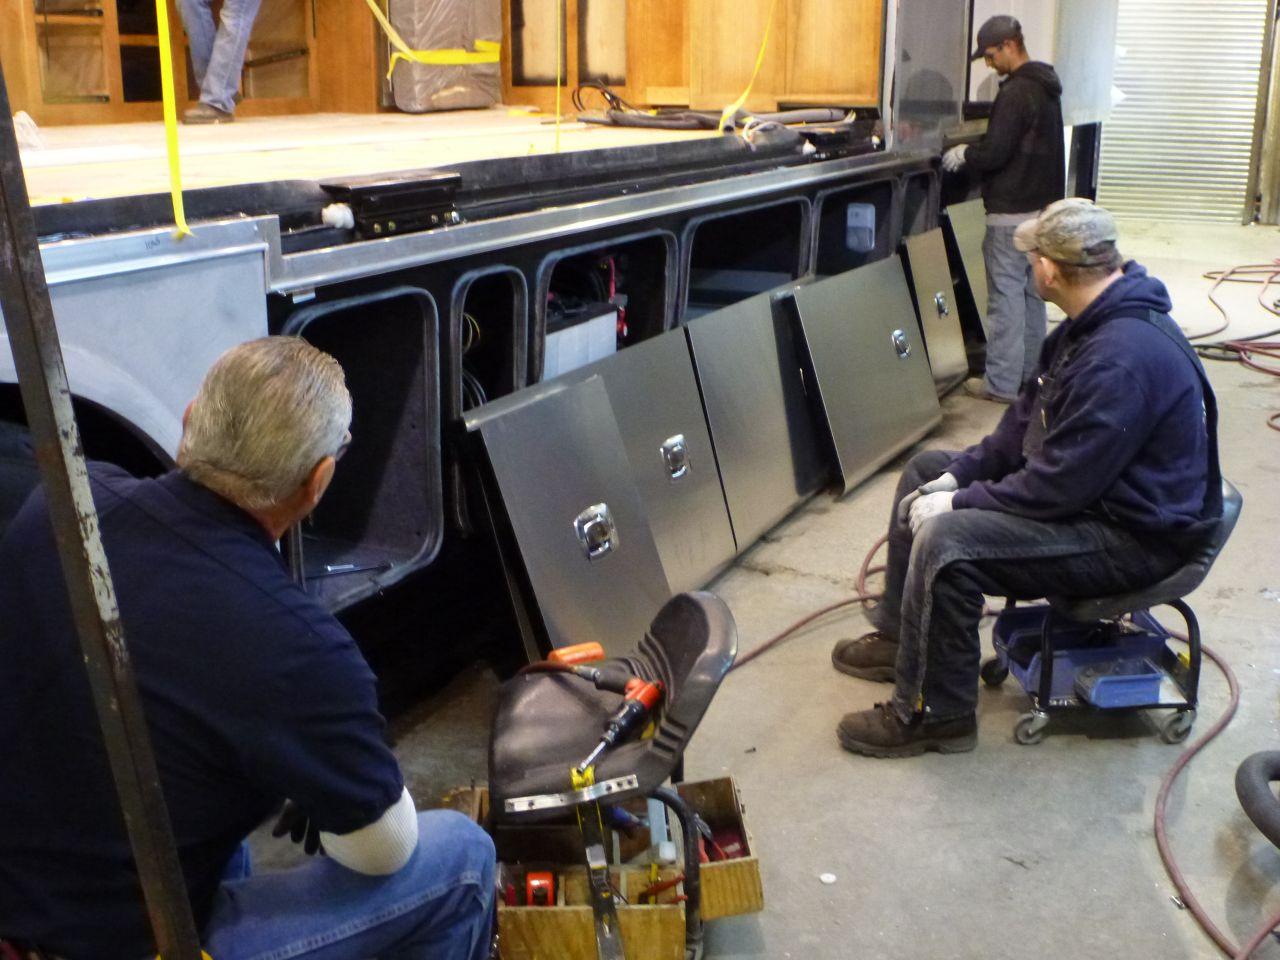 Basement Doors Being Installed